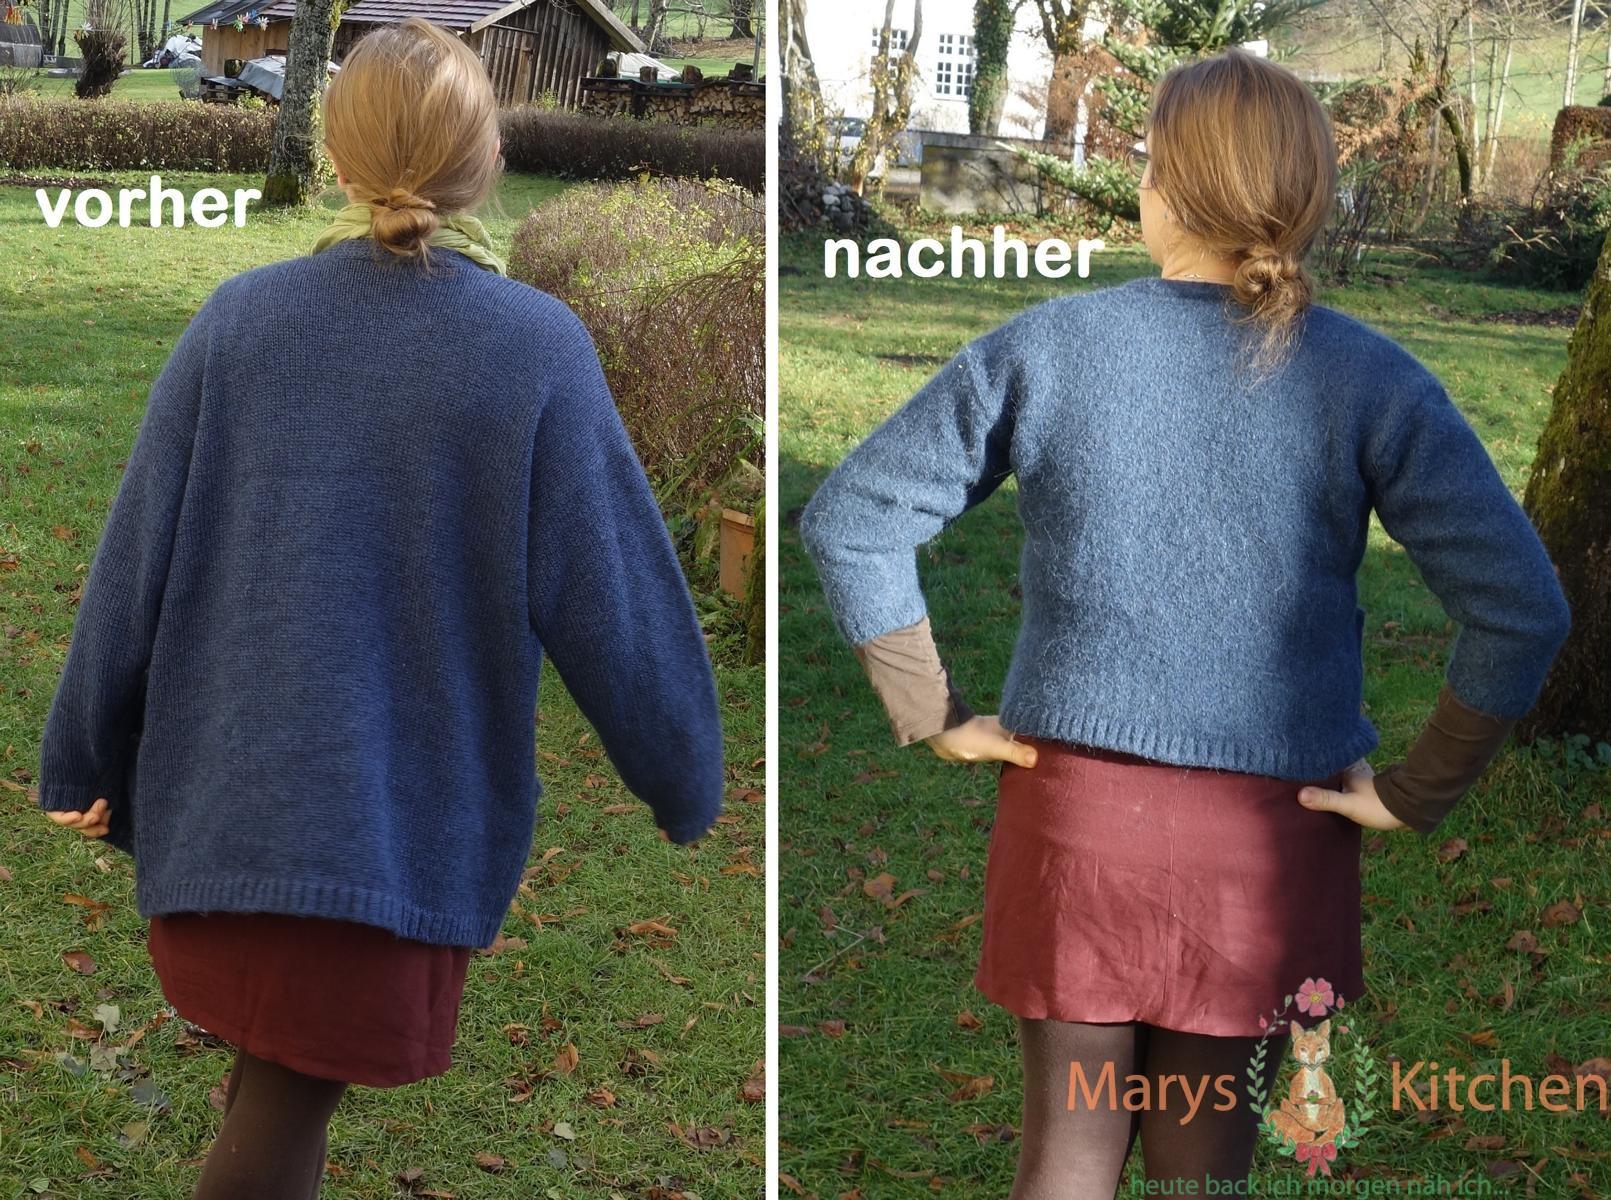 marys-kitchen-strickjacke-wolljacke-verkleinern-eingegangen-faerben-missglueckt